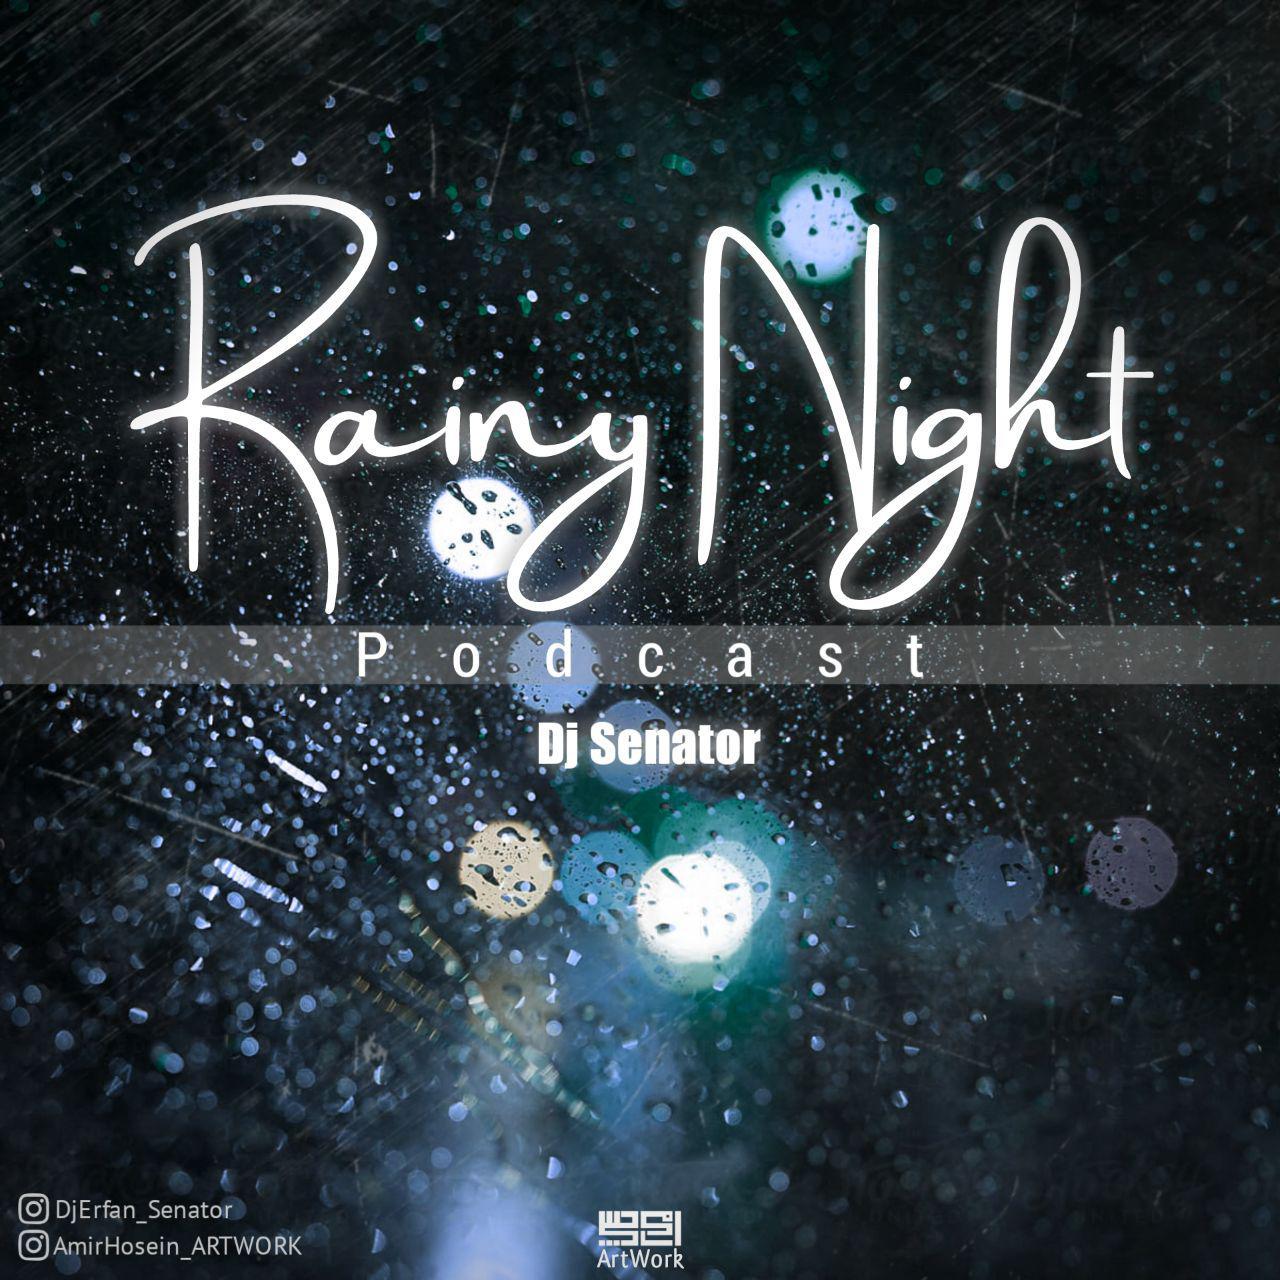 دانلود آهنگ دیجی عرفان سناتور به نام سری چهارم Rainy Night